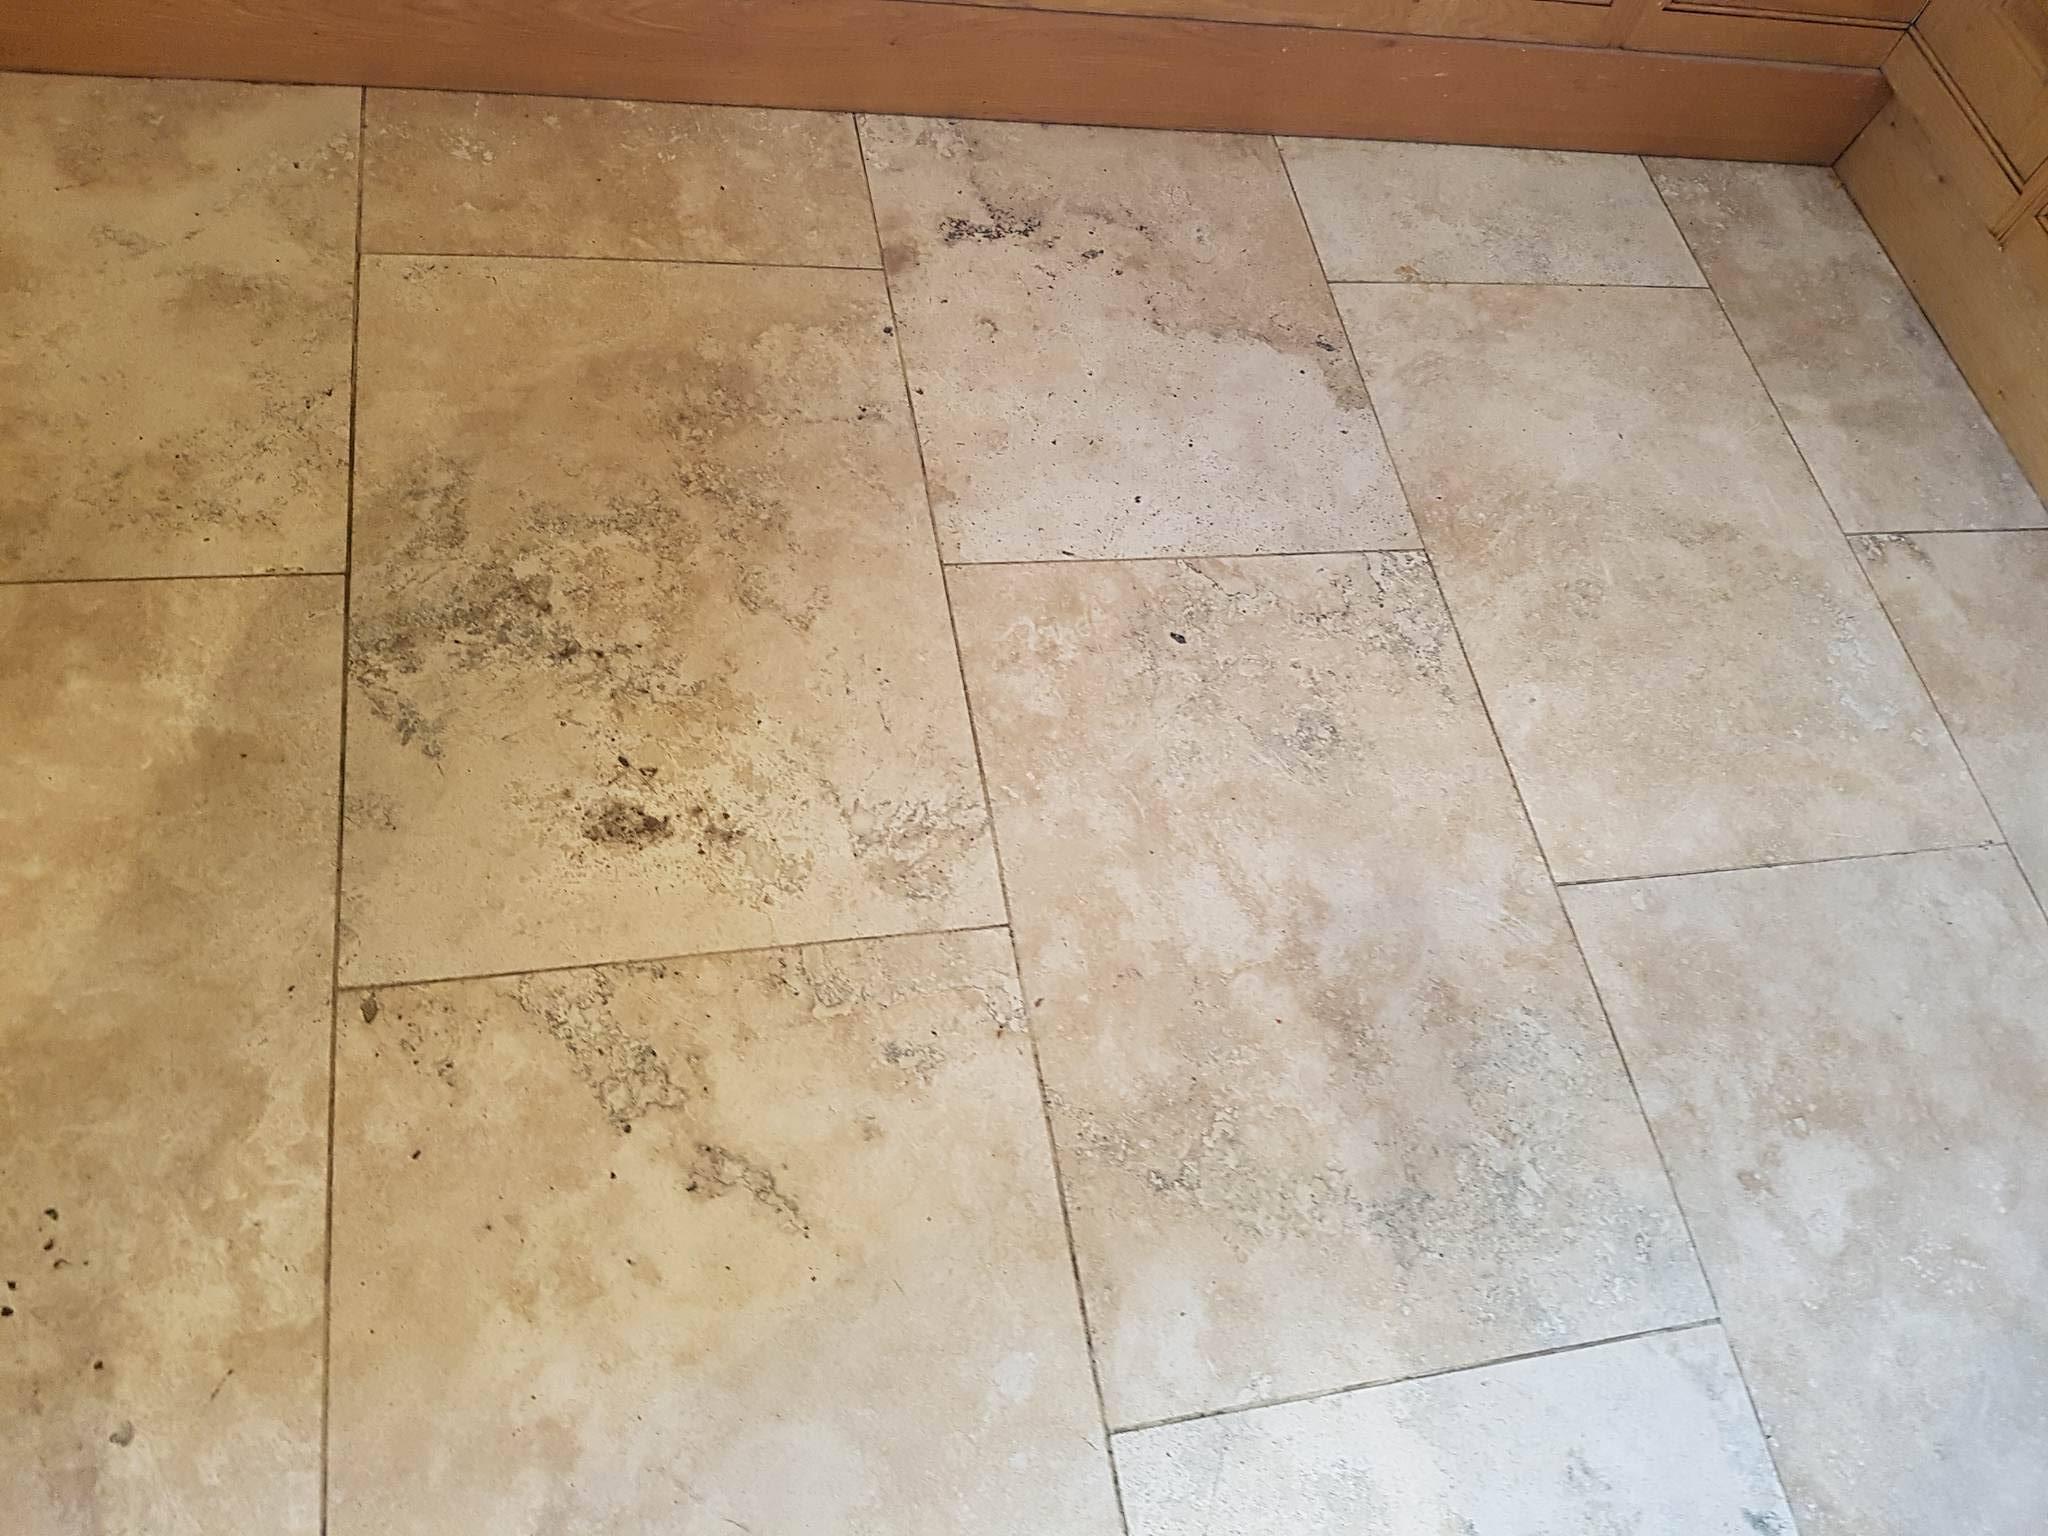 Travertine Tiled Floor Before Cleaning Bury